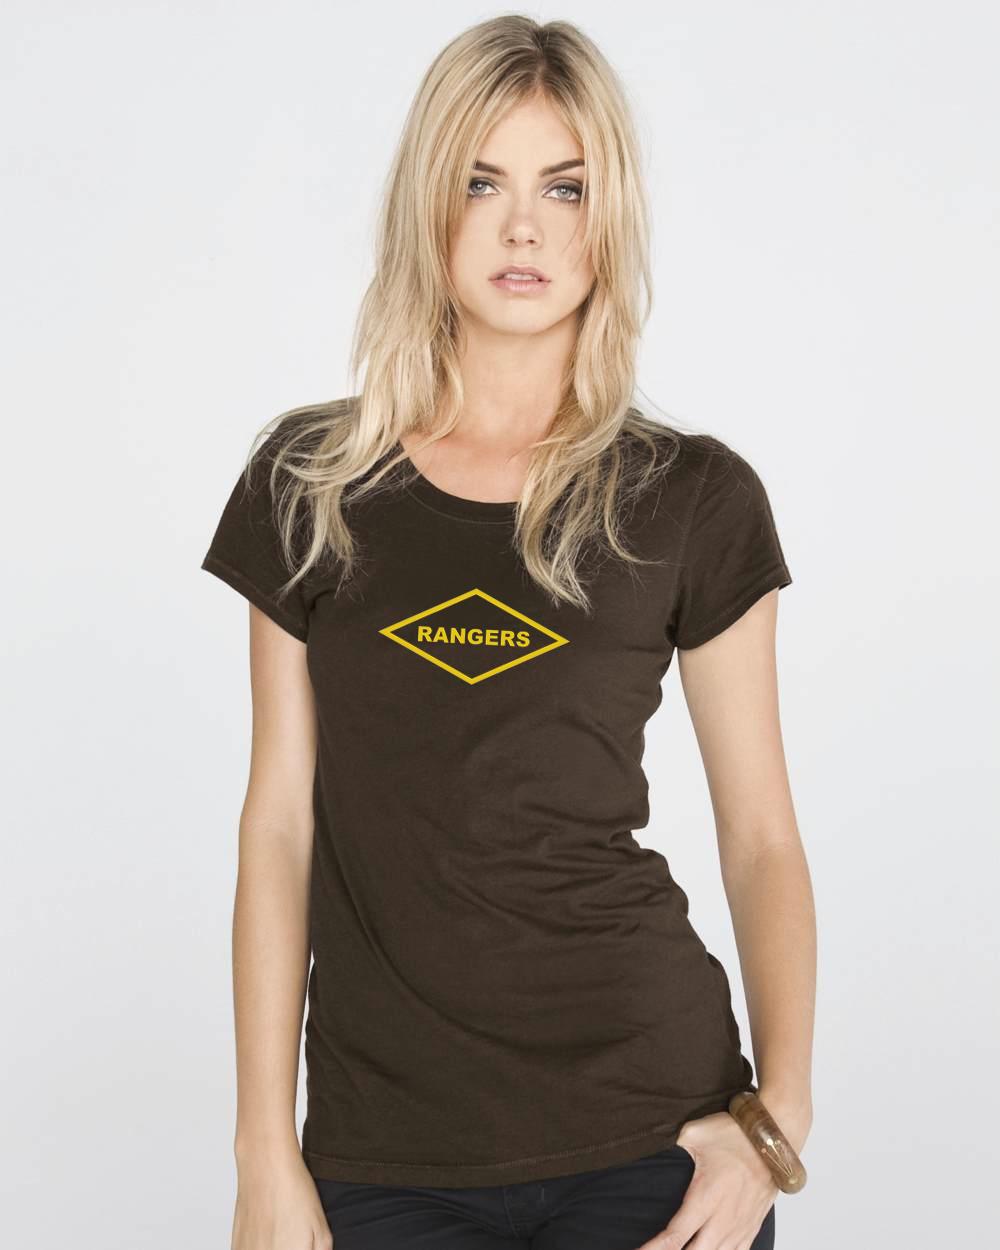 Misses Ranger Short Sleeve T Shirt